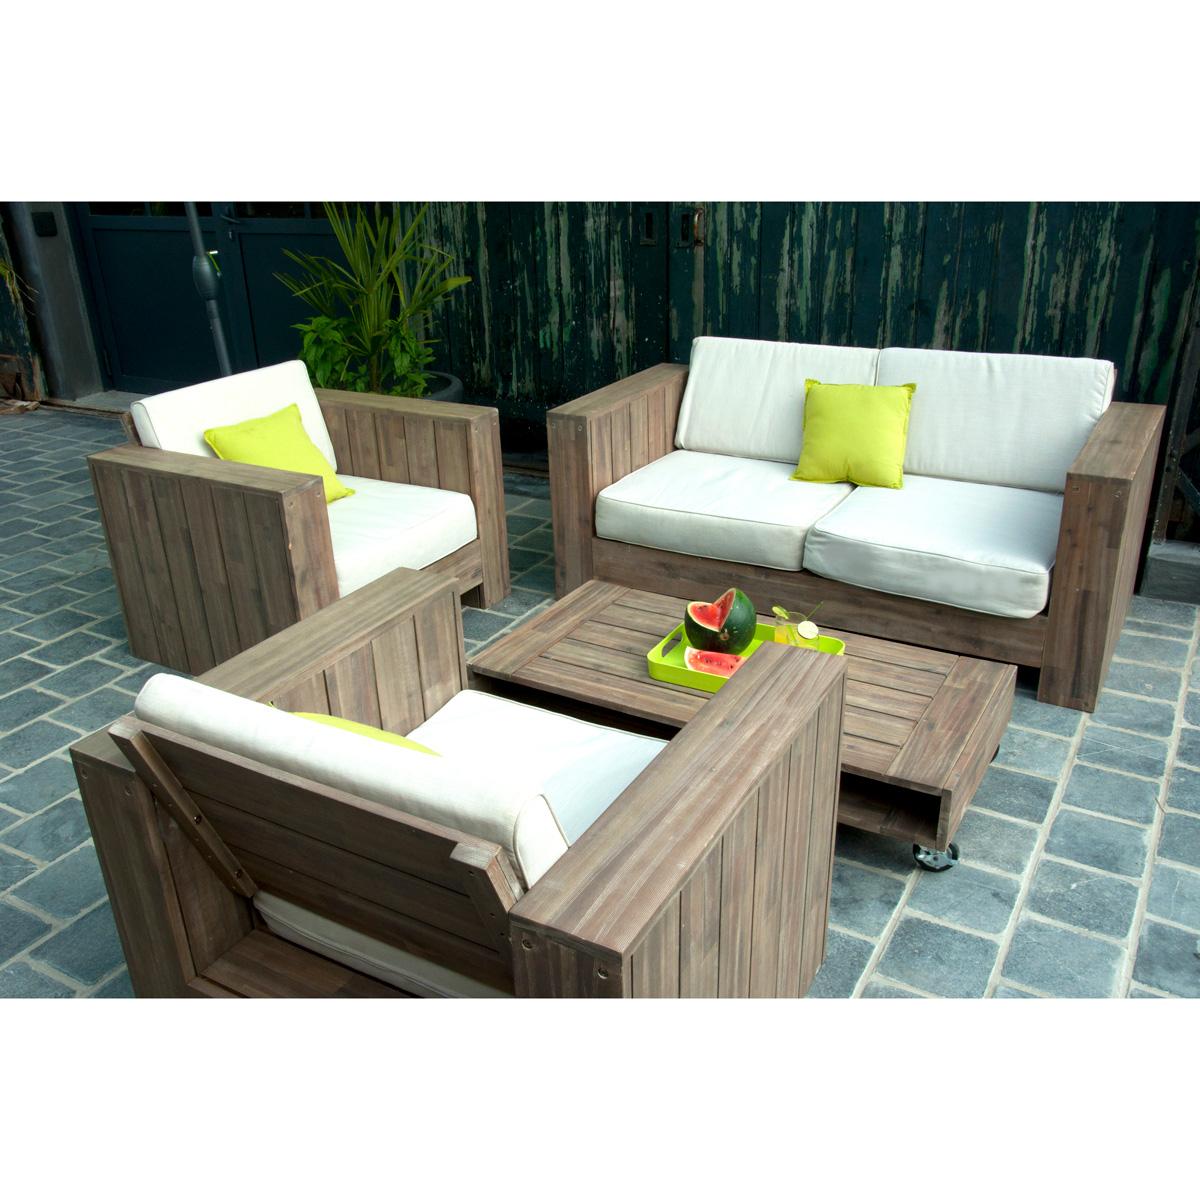 Vente salon jardin maison fran ois fabie - Vente mobilier de jardin ...